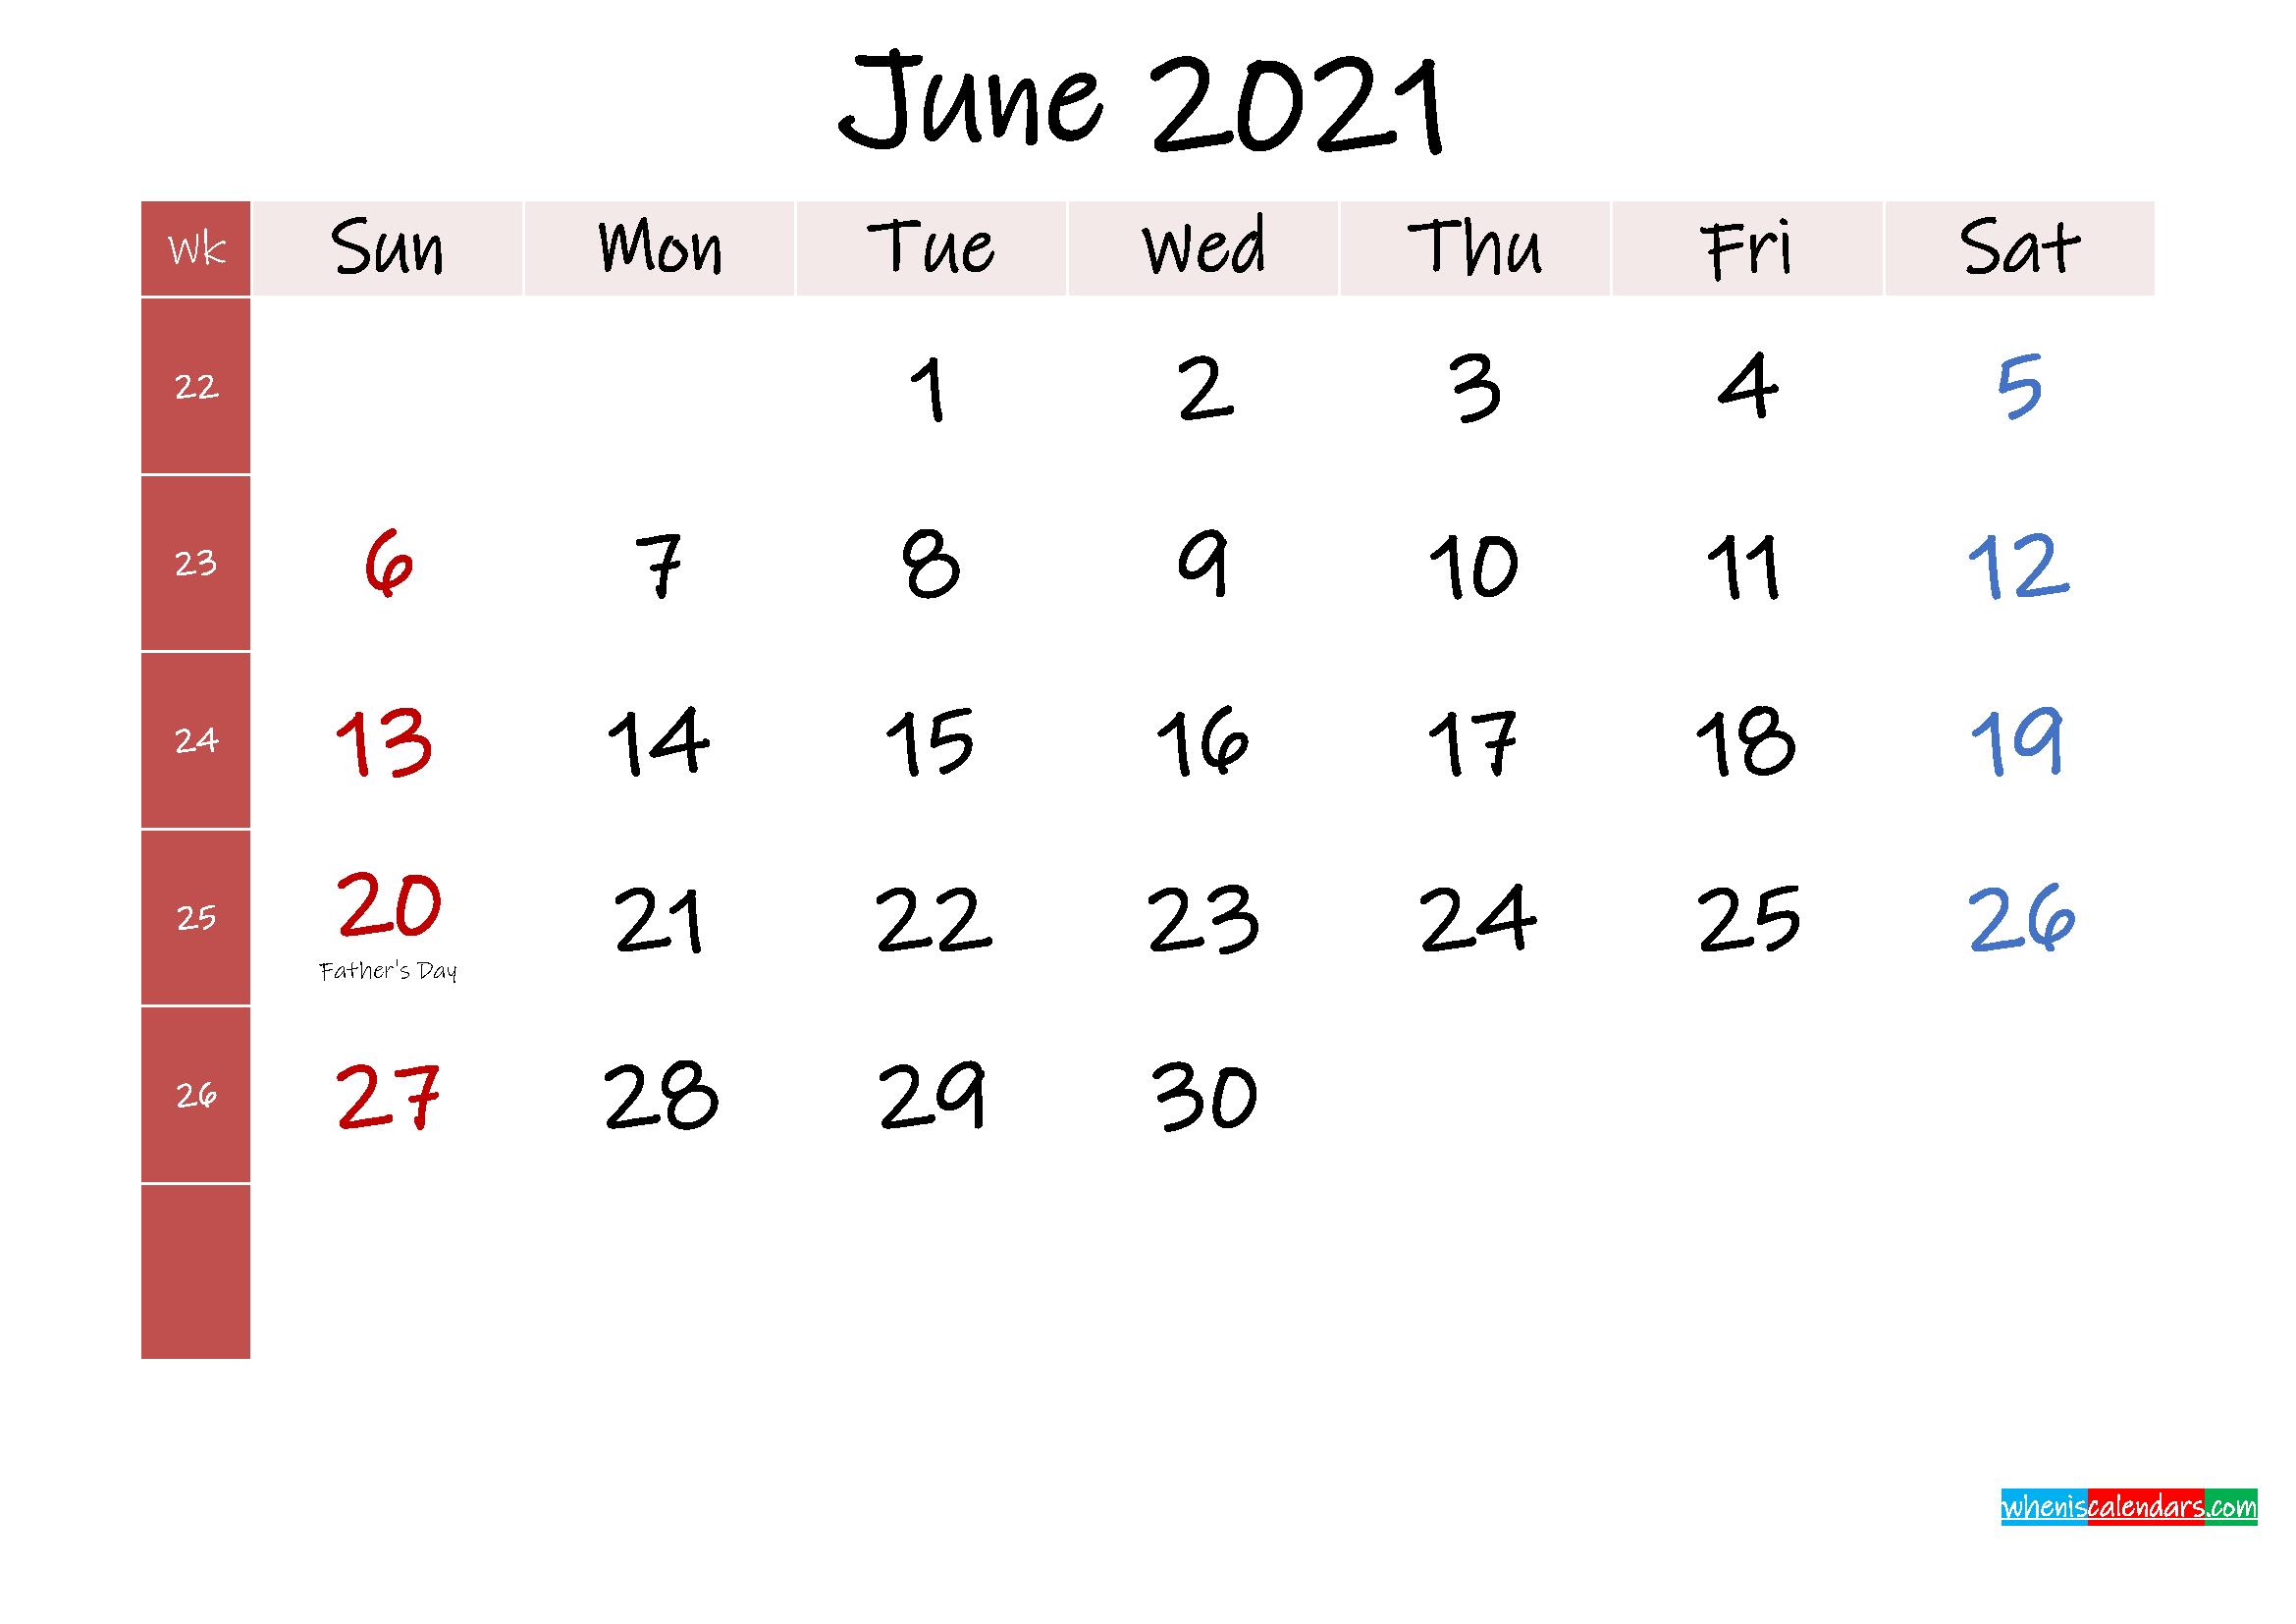 June 2021 Free Printable Calendar